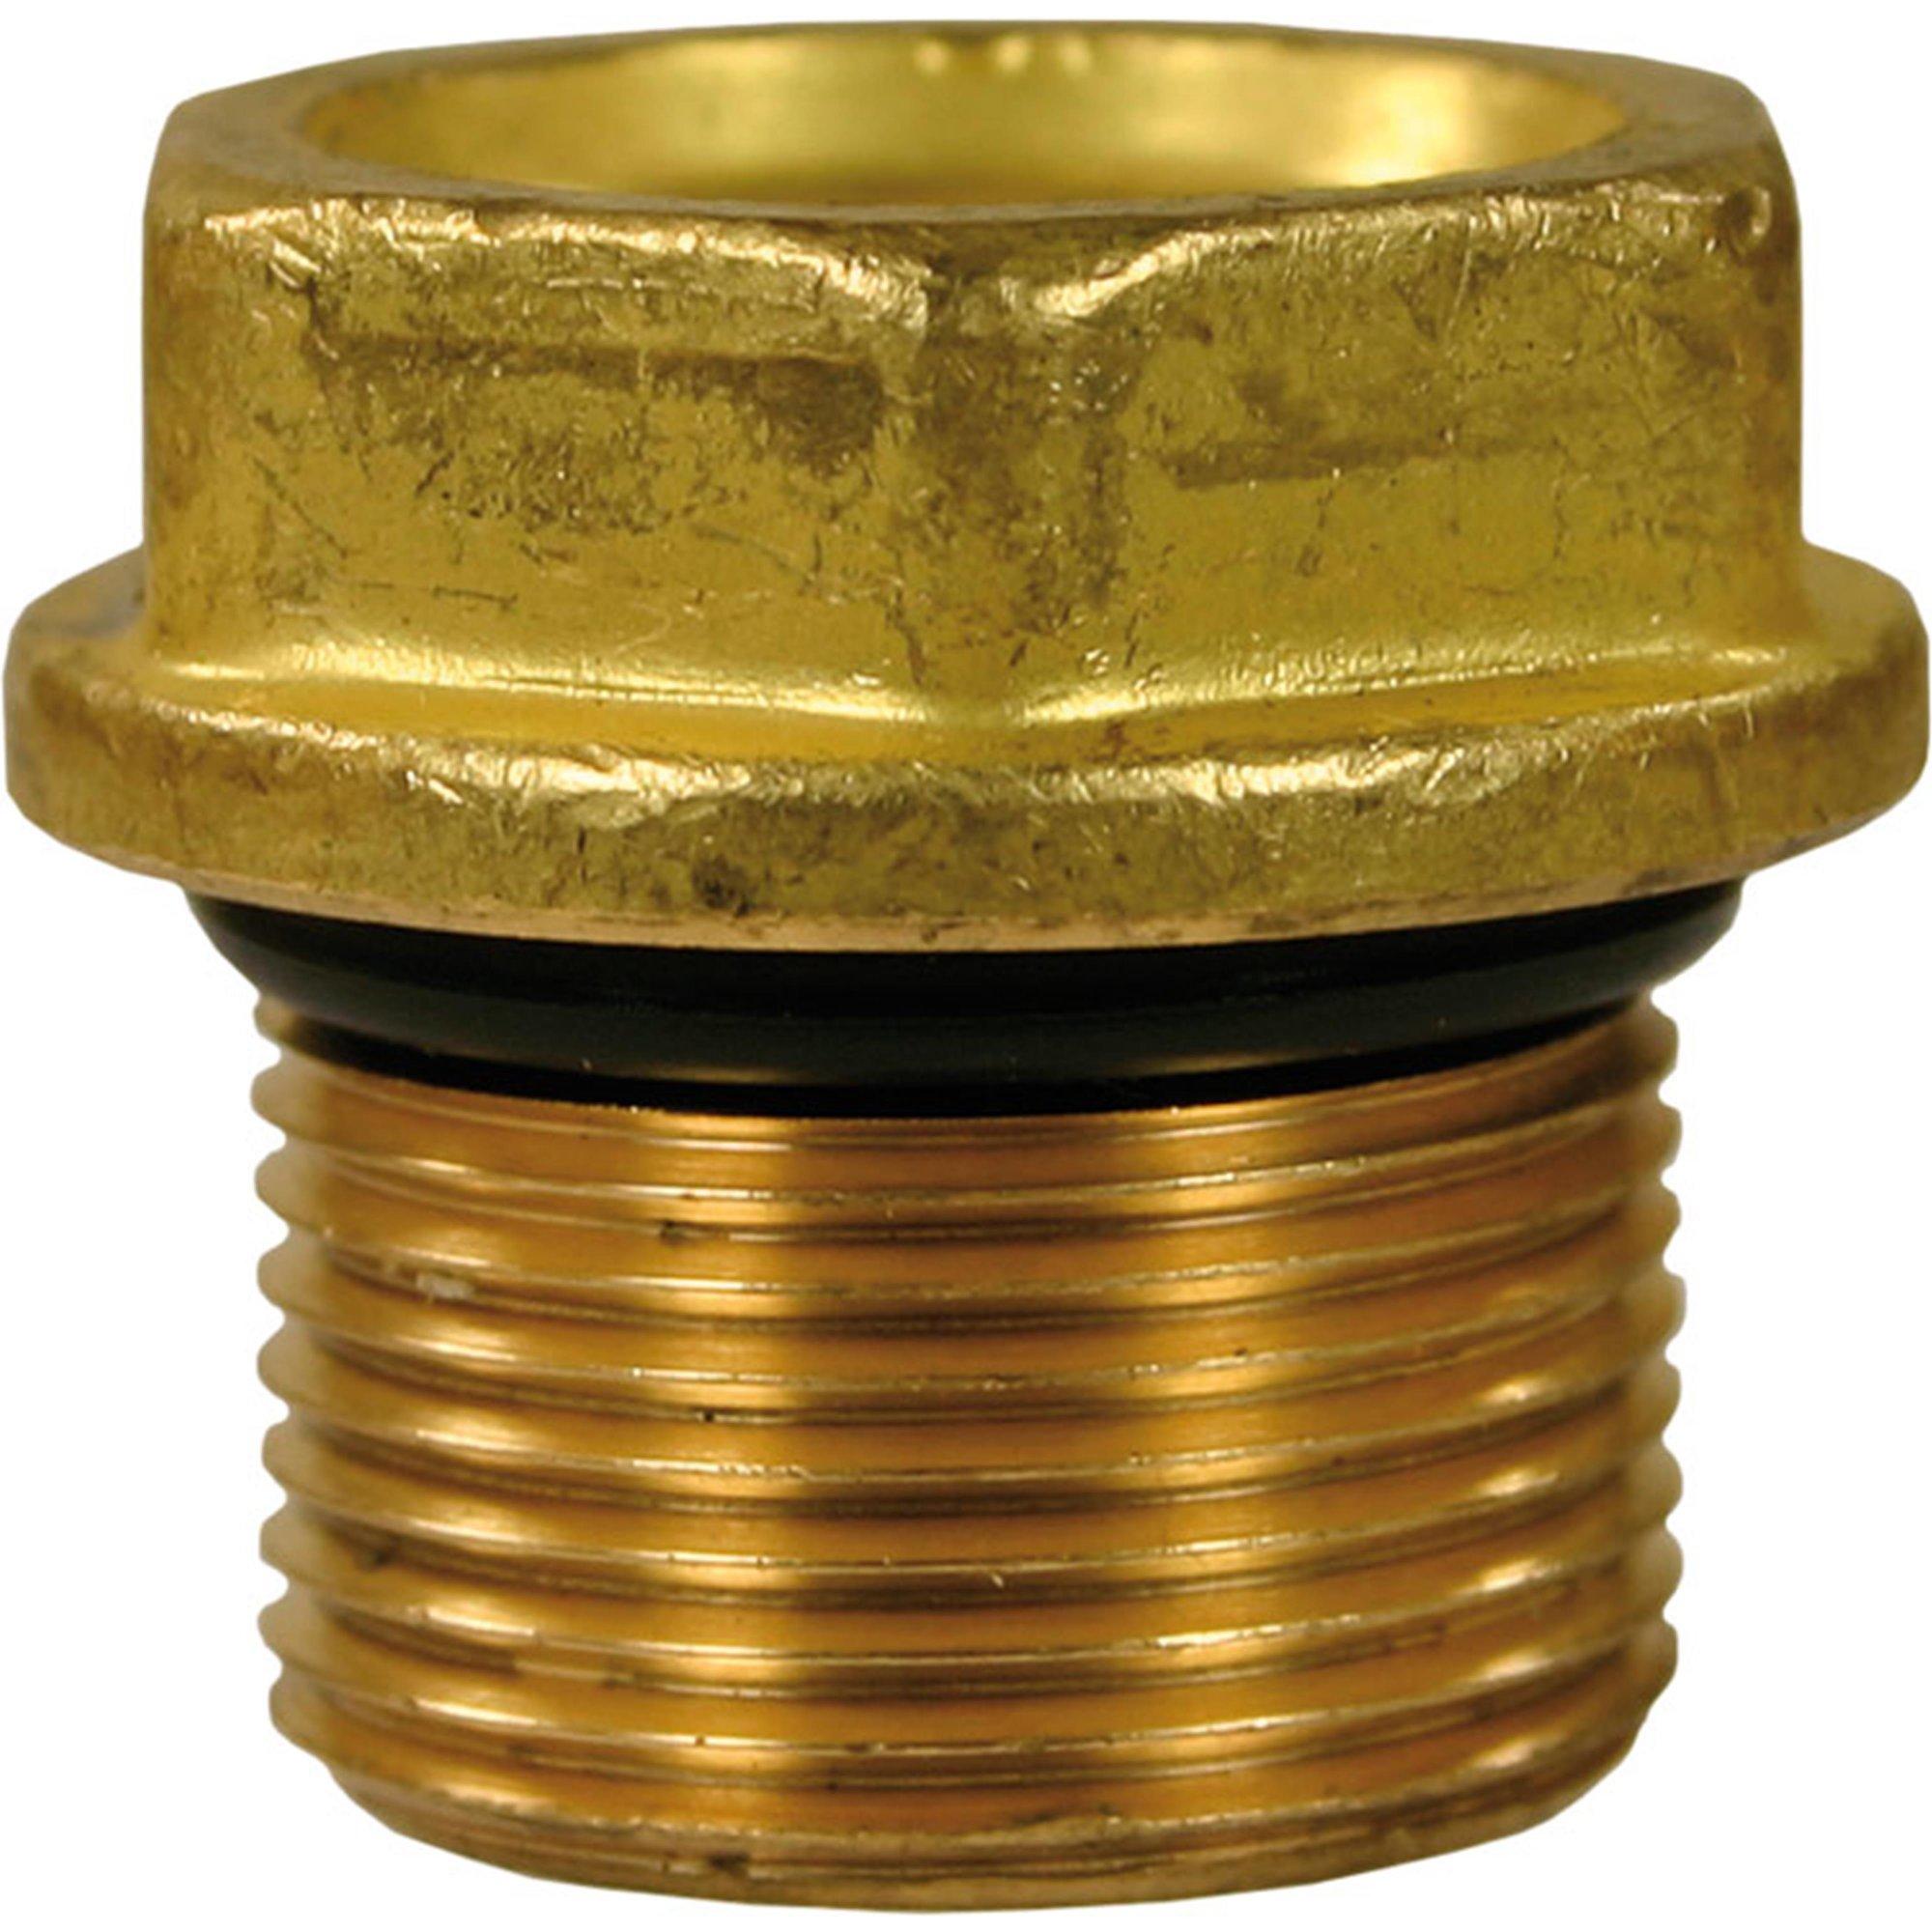 Interpump Ventilstopfen M32x1,5x29,5 Ventilstopfen M32x1,5x29,5 |